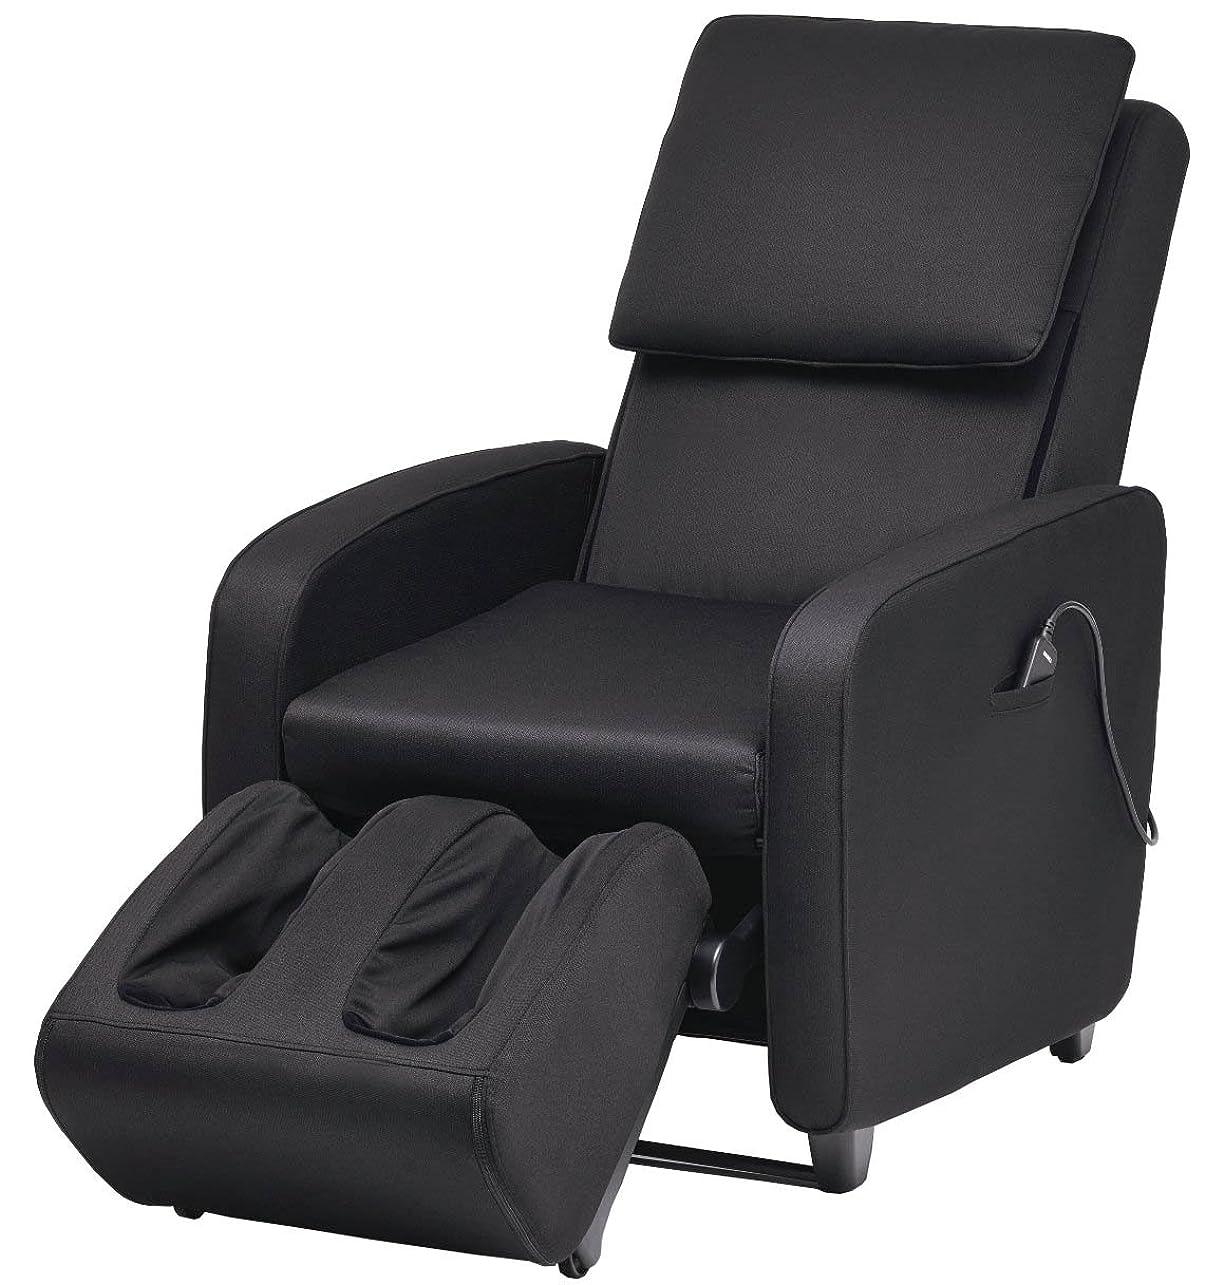 時刻表気性規則性スライヴ マッサージソファ くつろぎ指定席 ファブリック ブラック CHD-7400(FK)